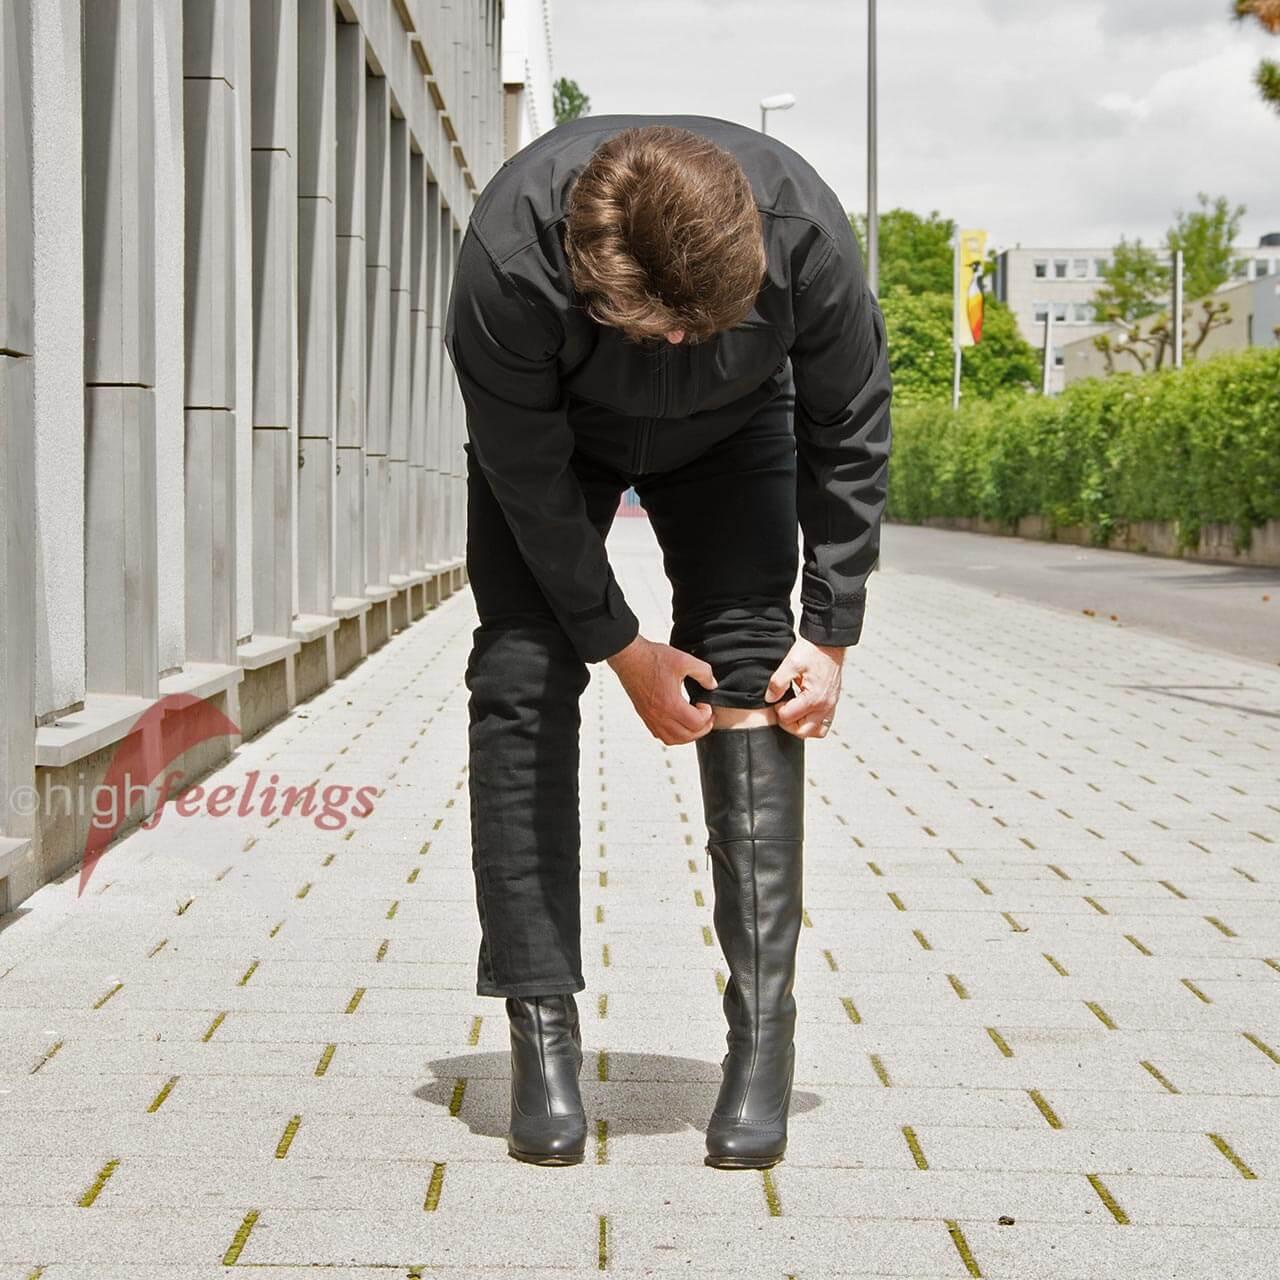 Bestseller einkaufen 2019 am besten verkaufen am besten auswählen Stiefel mit hohem Absatz für Männer | high feelings